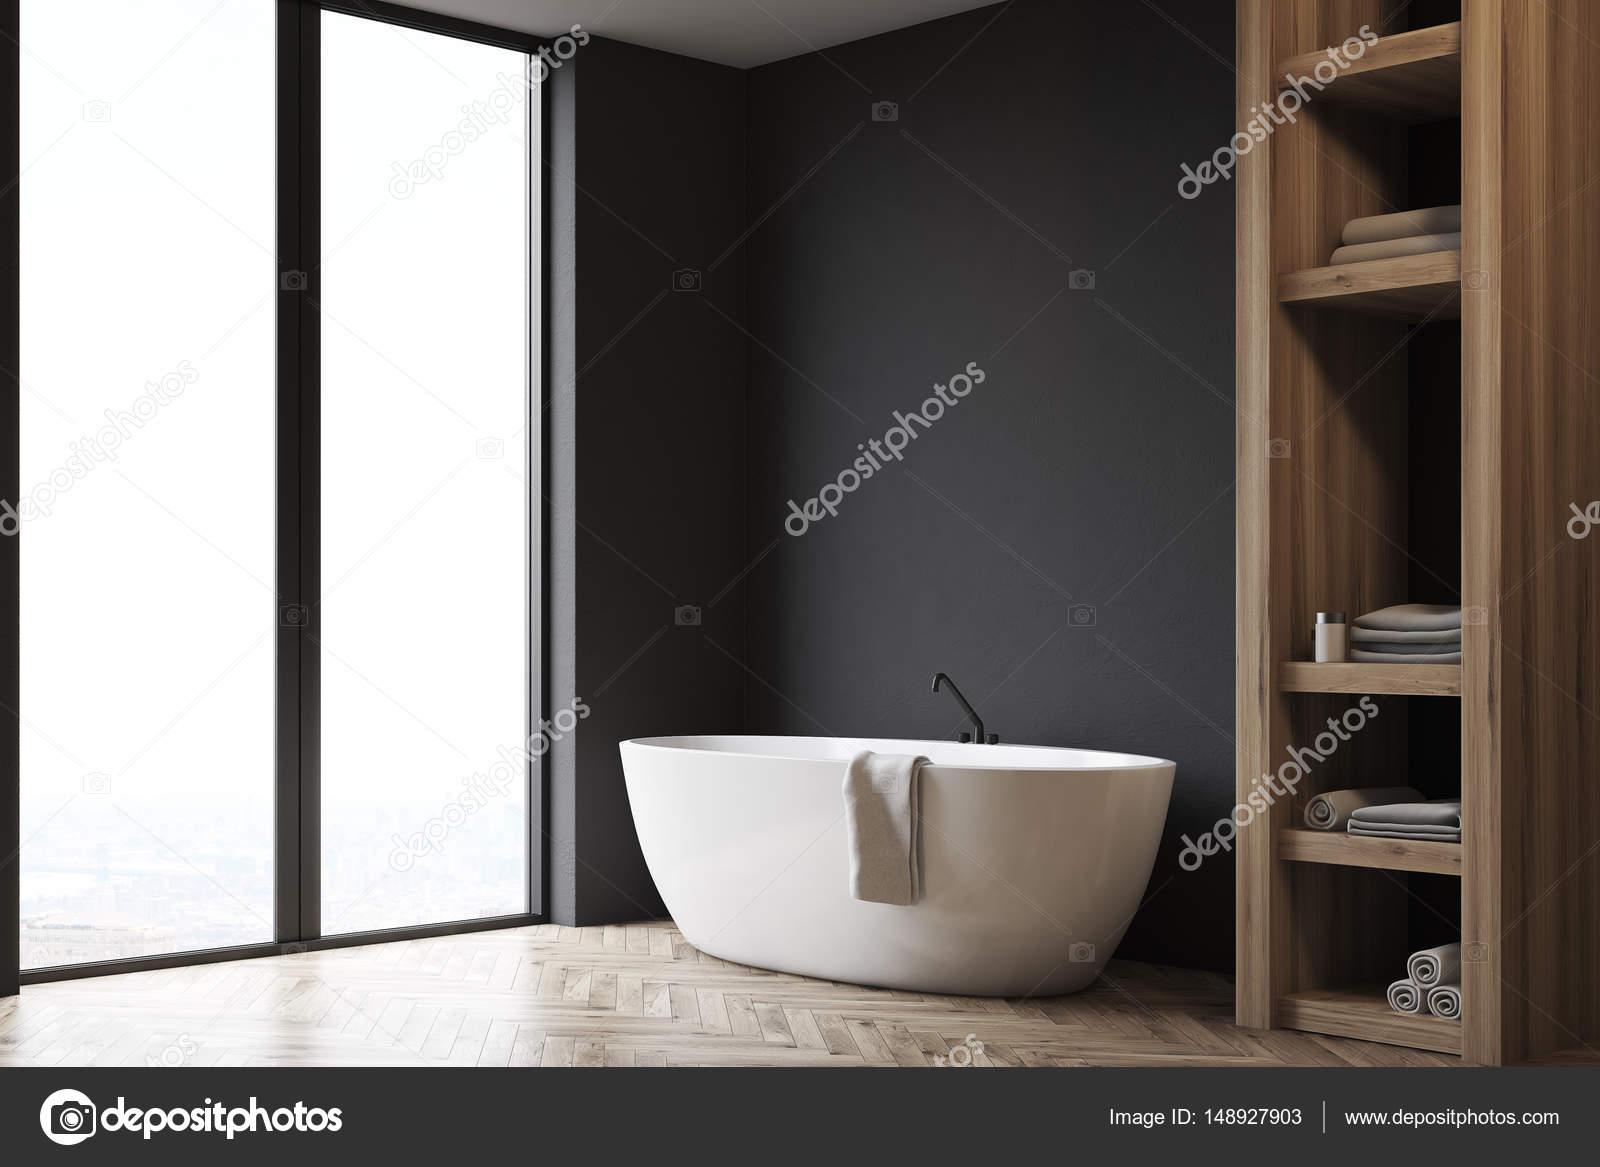 Badezimmer Mit Schrank Und Schwarze Wand Seite Stockfoto